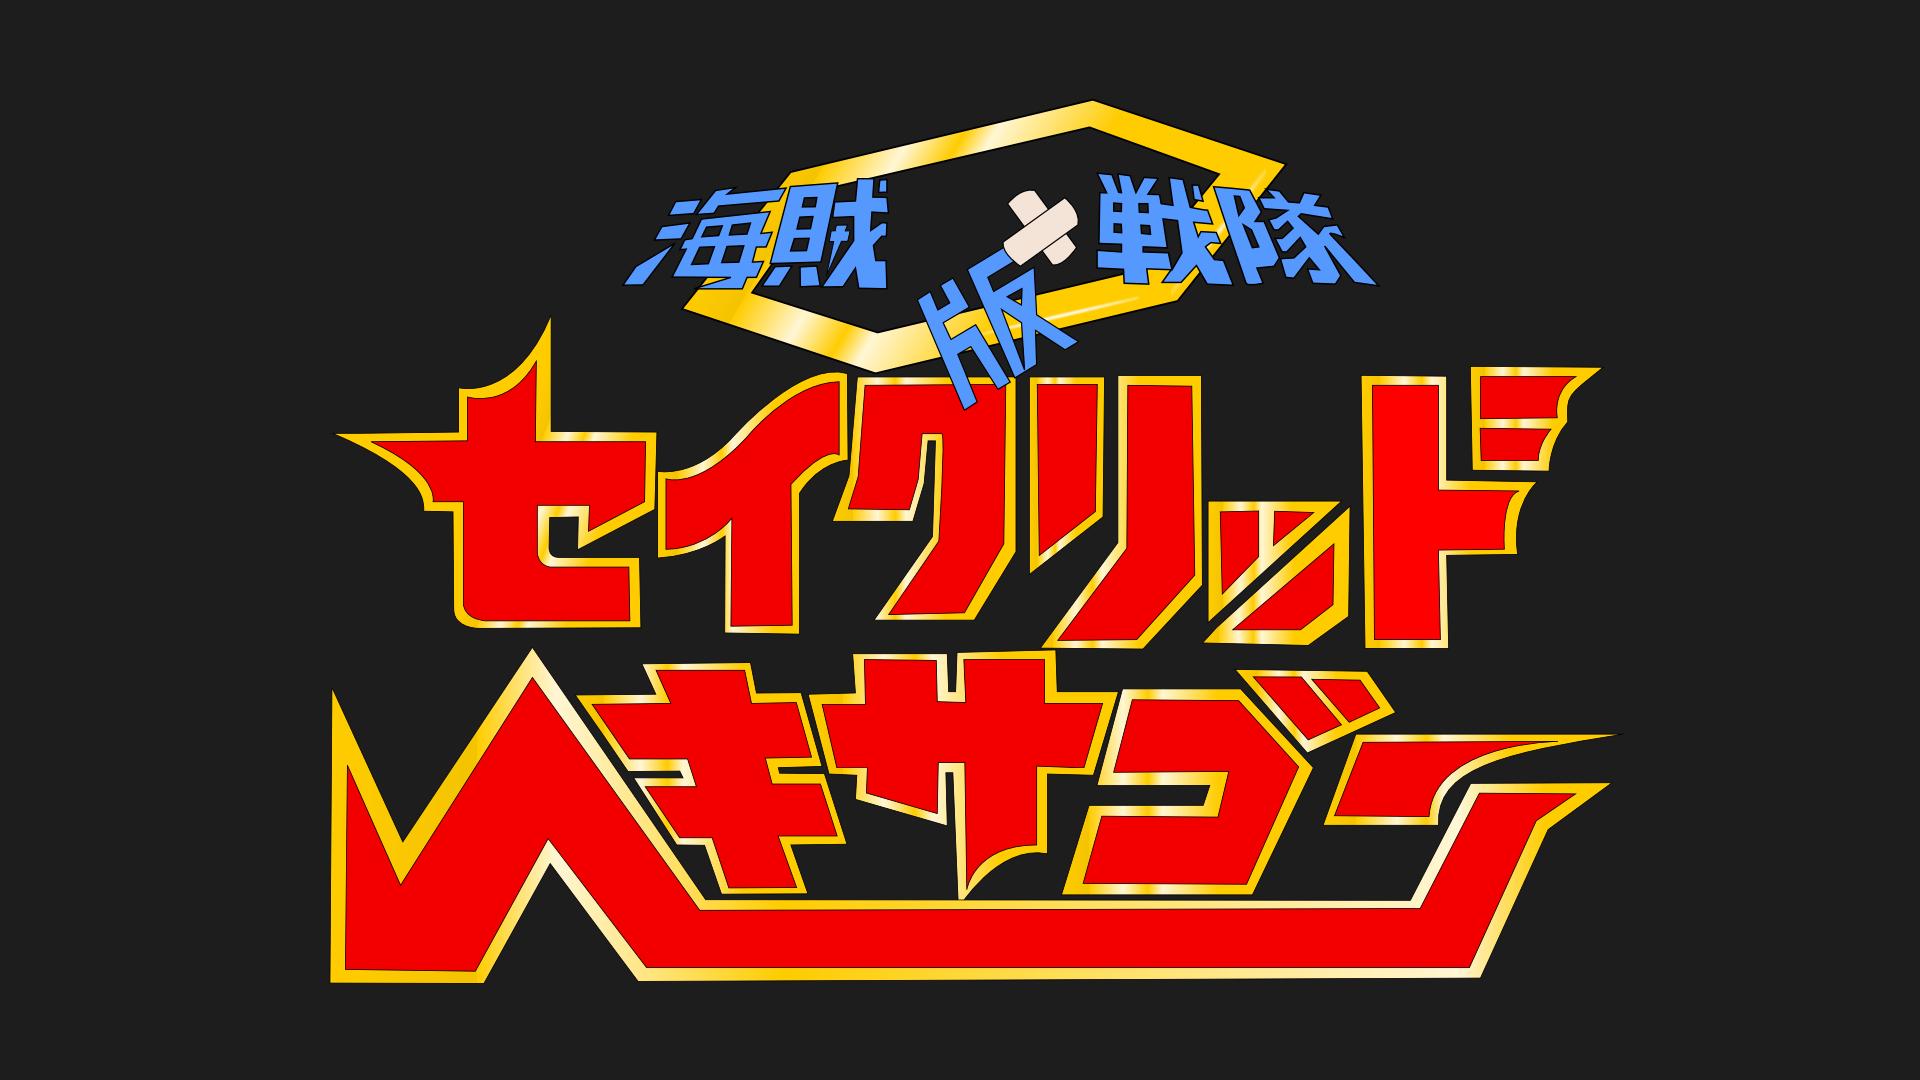 【ライブ告知】ヲタク初めVol.10【海賊版戦隊 セイクリッドヘキサゴン】